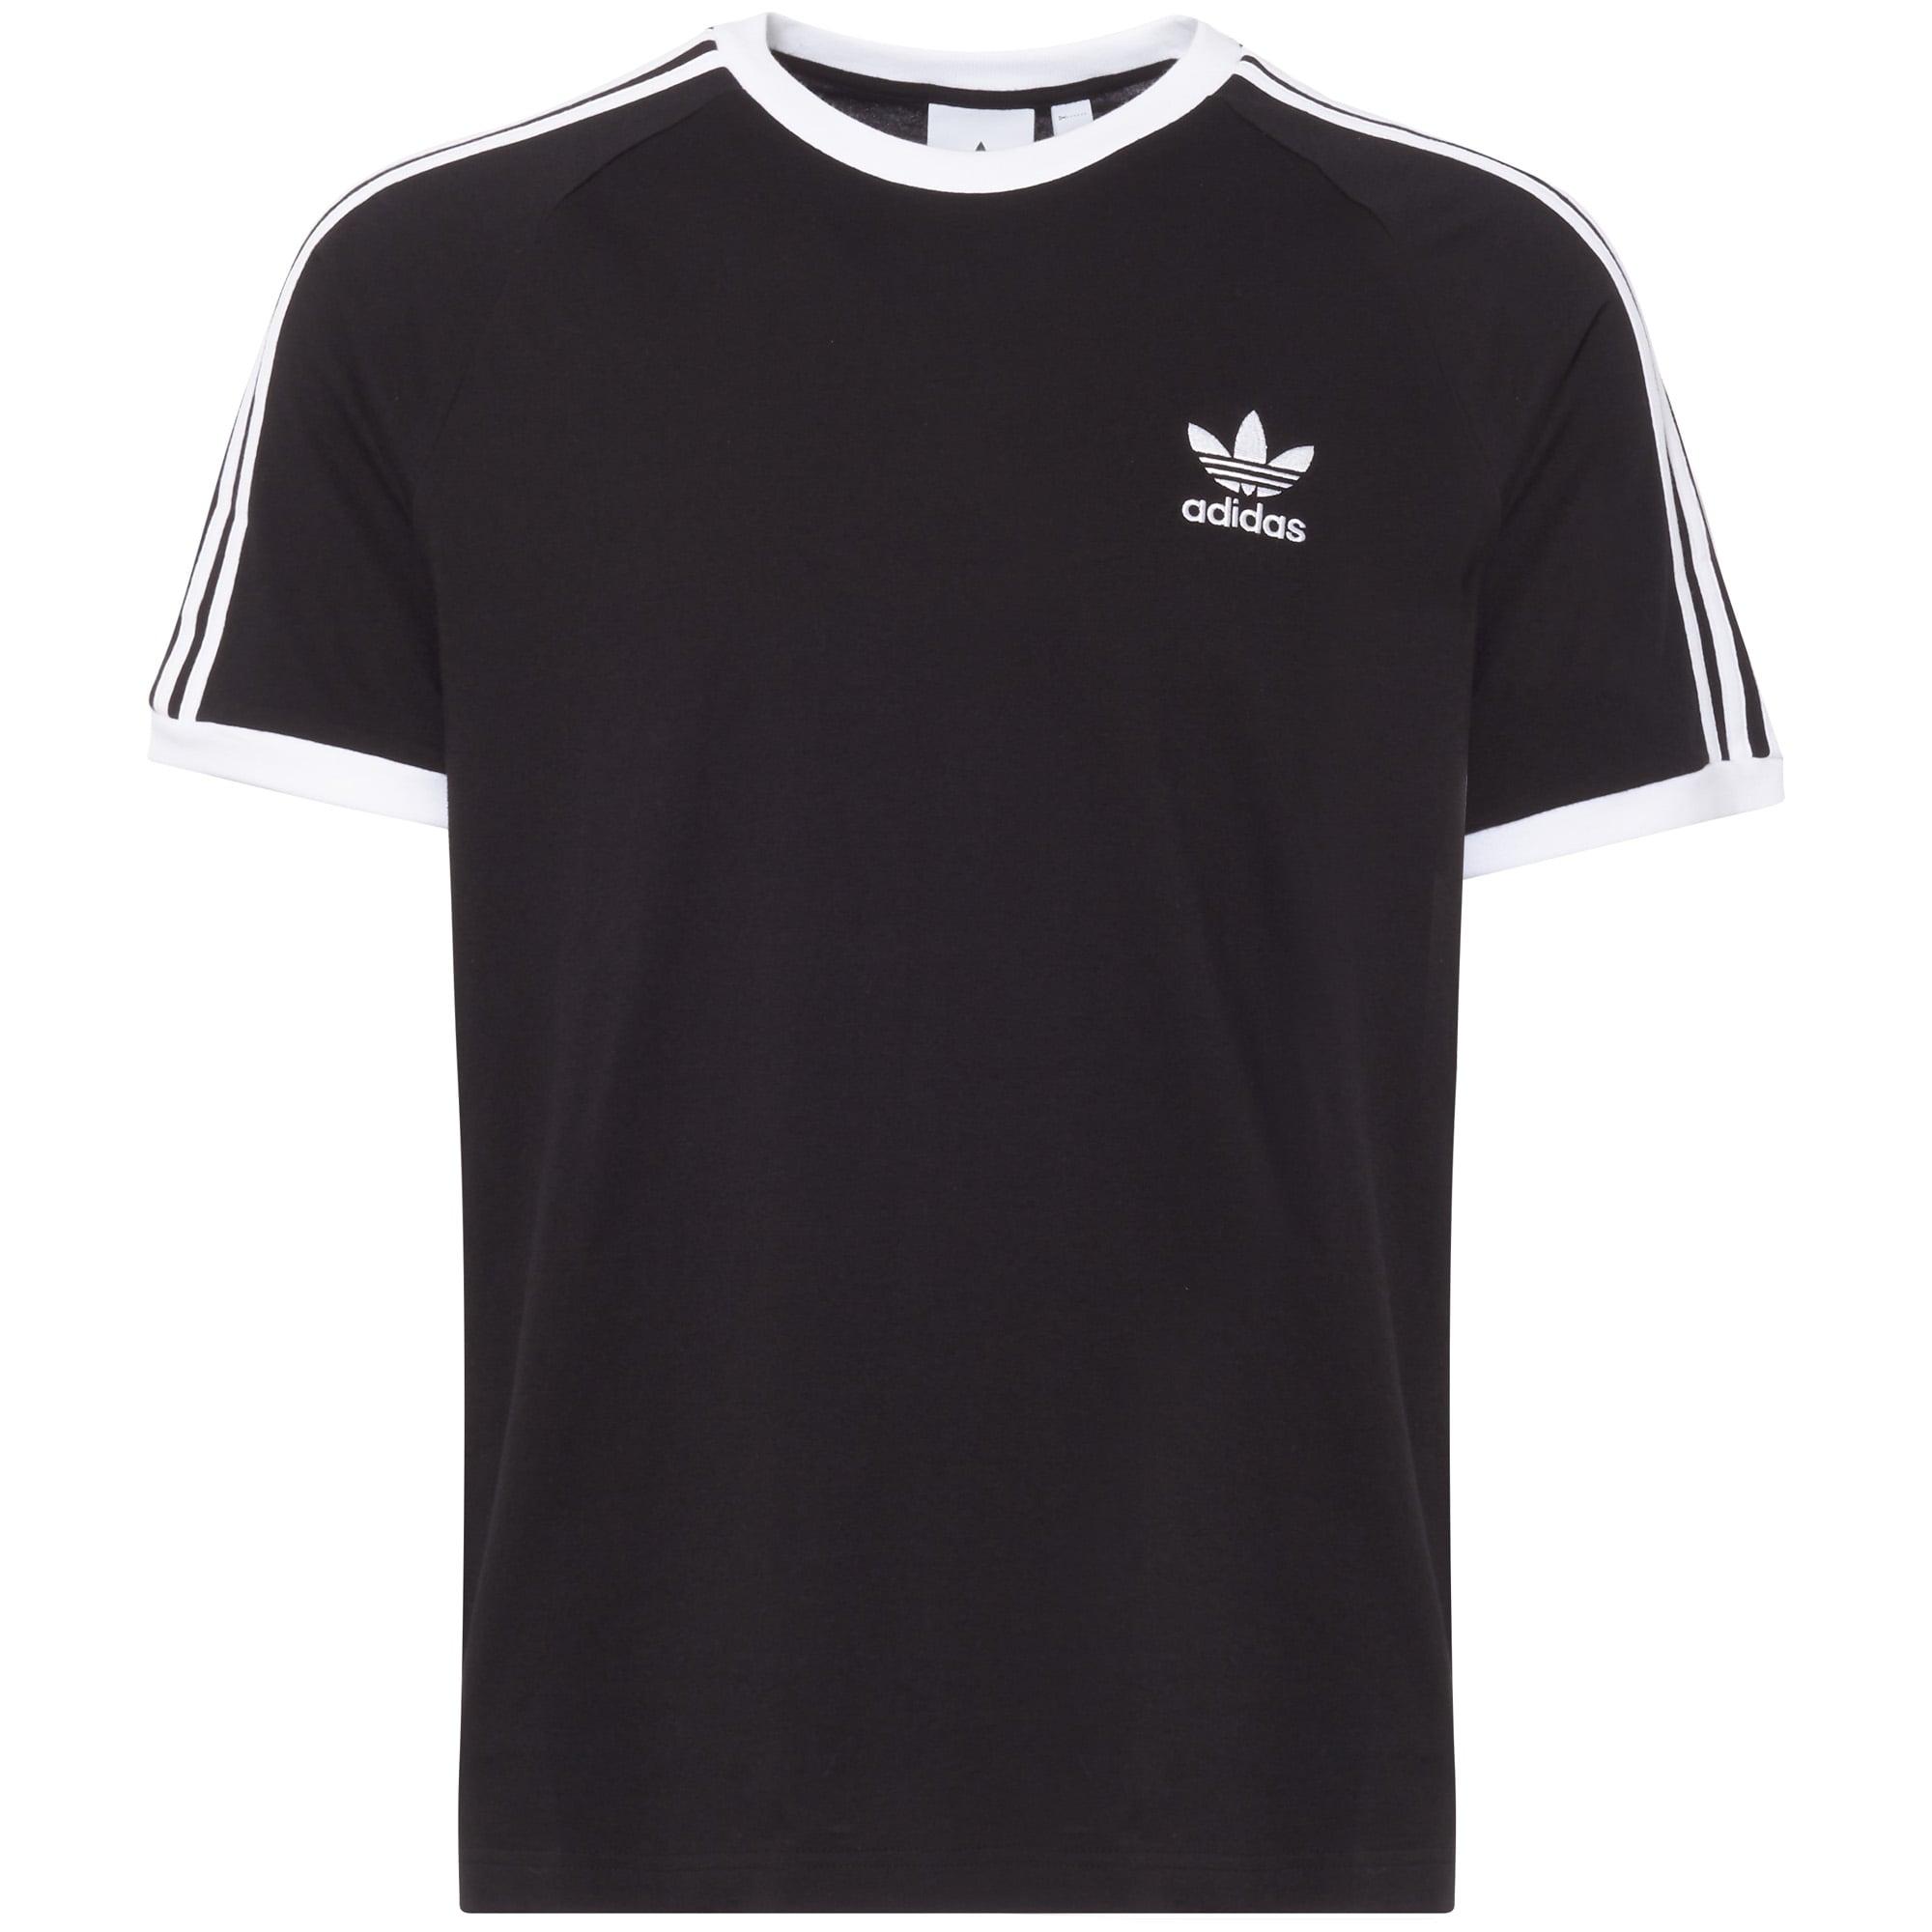 Black 3-Stripes Tee